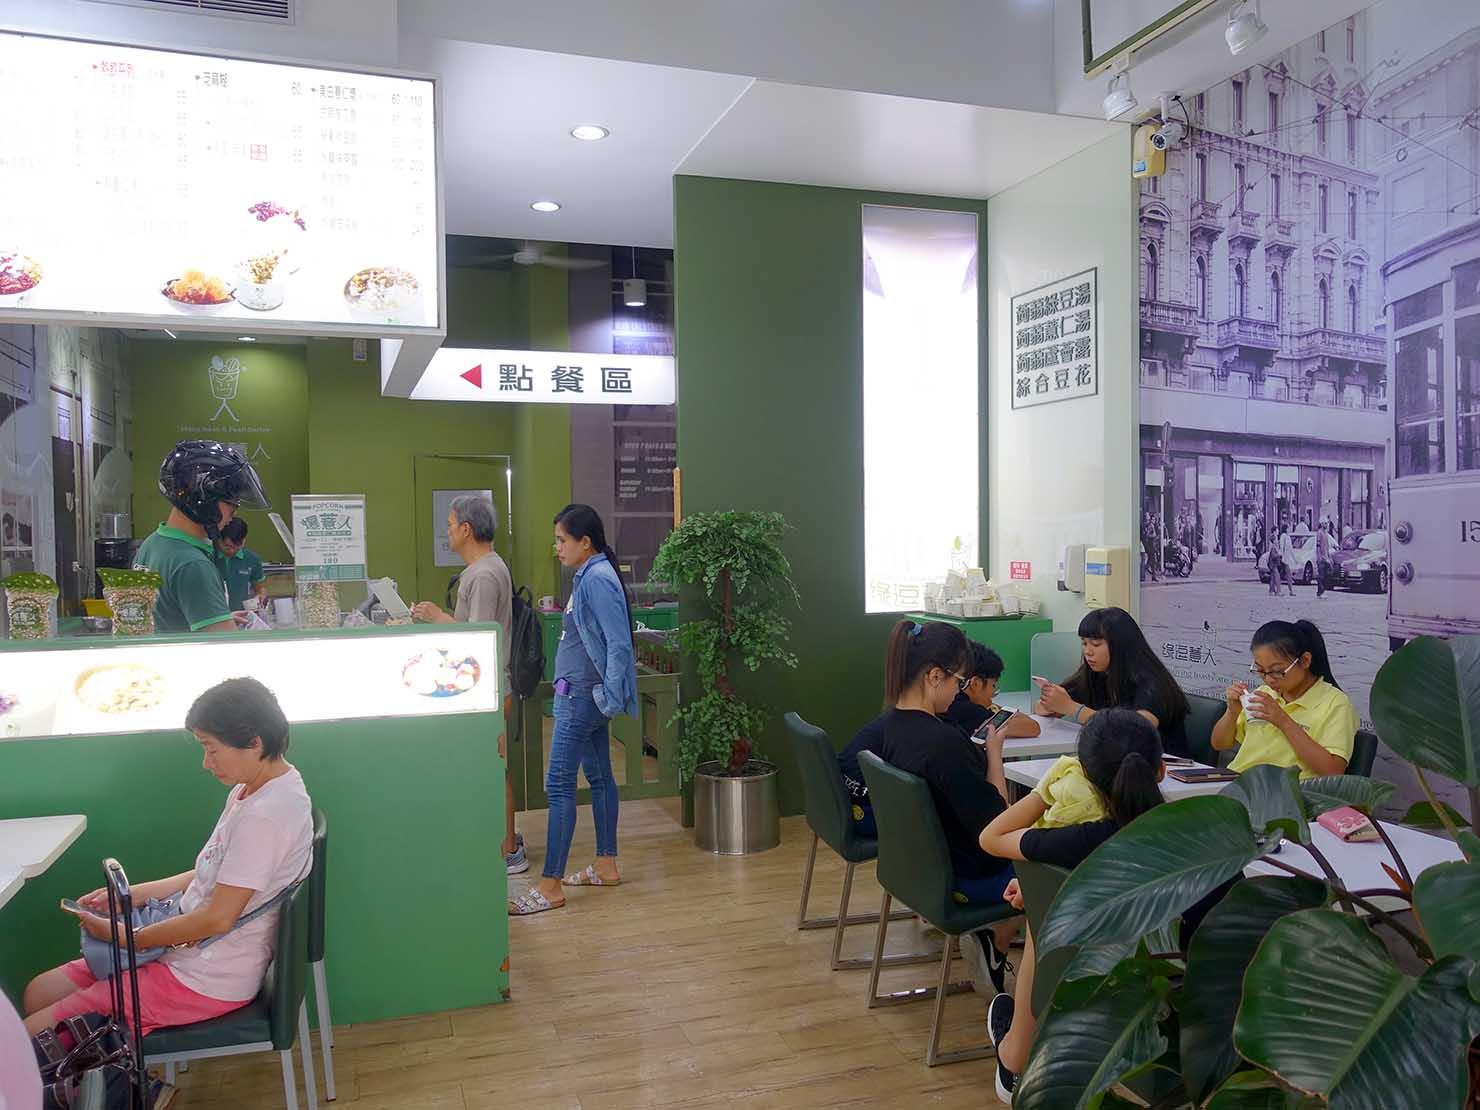 台北・永康街の豆花がいただけるお店「綠逗薏人」の店内